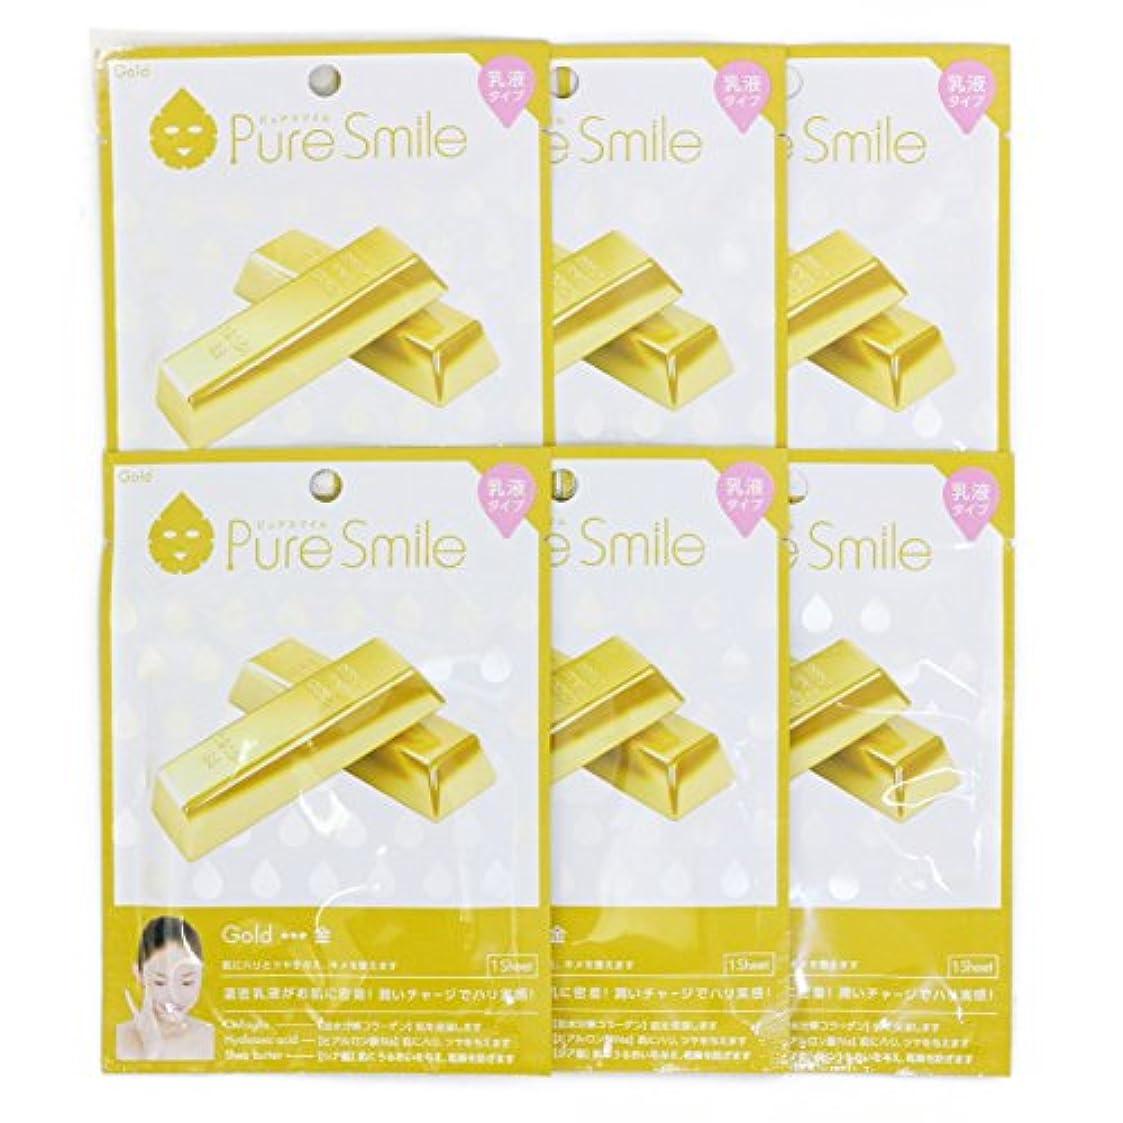 アンデス山脈ユーザー上陸Pure Smile ピュアスマイル 乳液エッセンスマスク 金 6枚セット